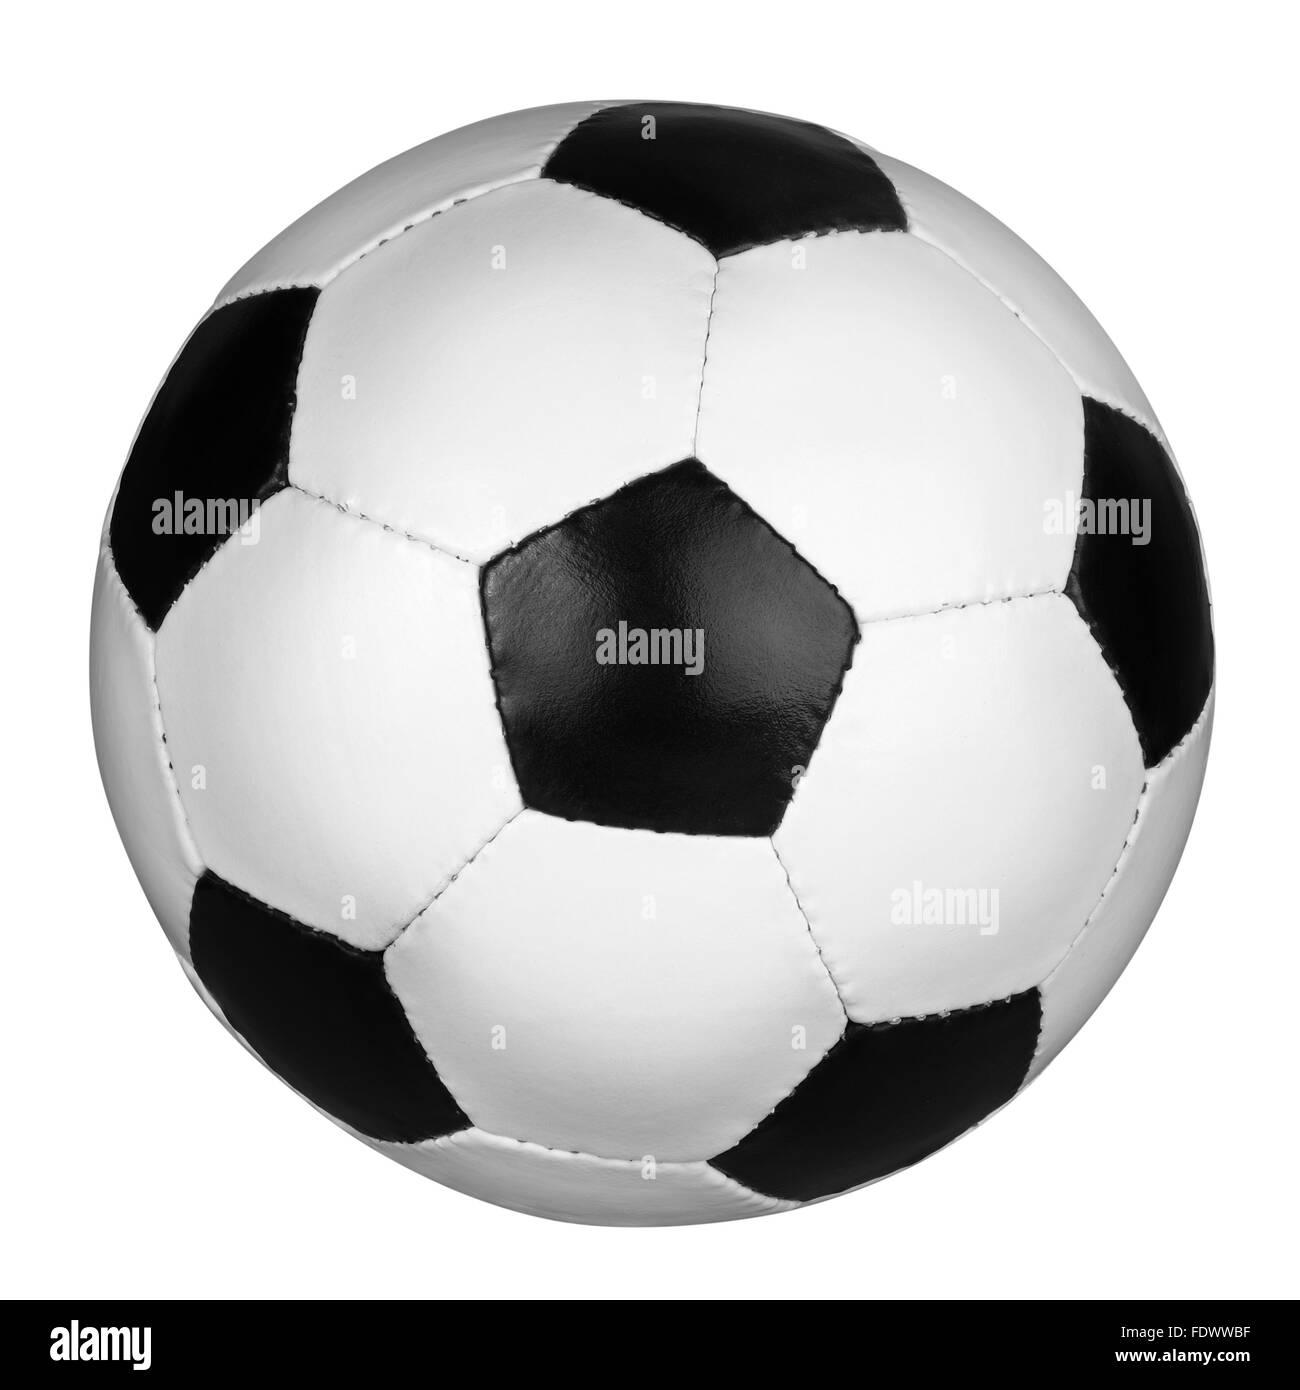 Pallone da calcio isolati su uno sfondo bianco, percorso di clipping incluso. Foto Stock